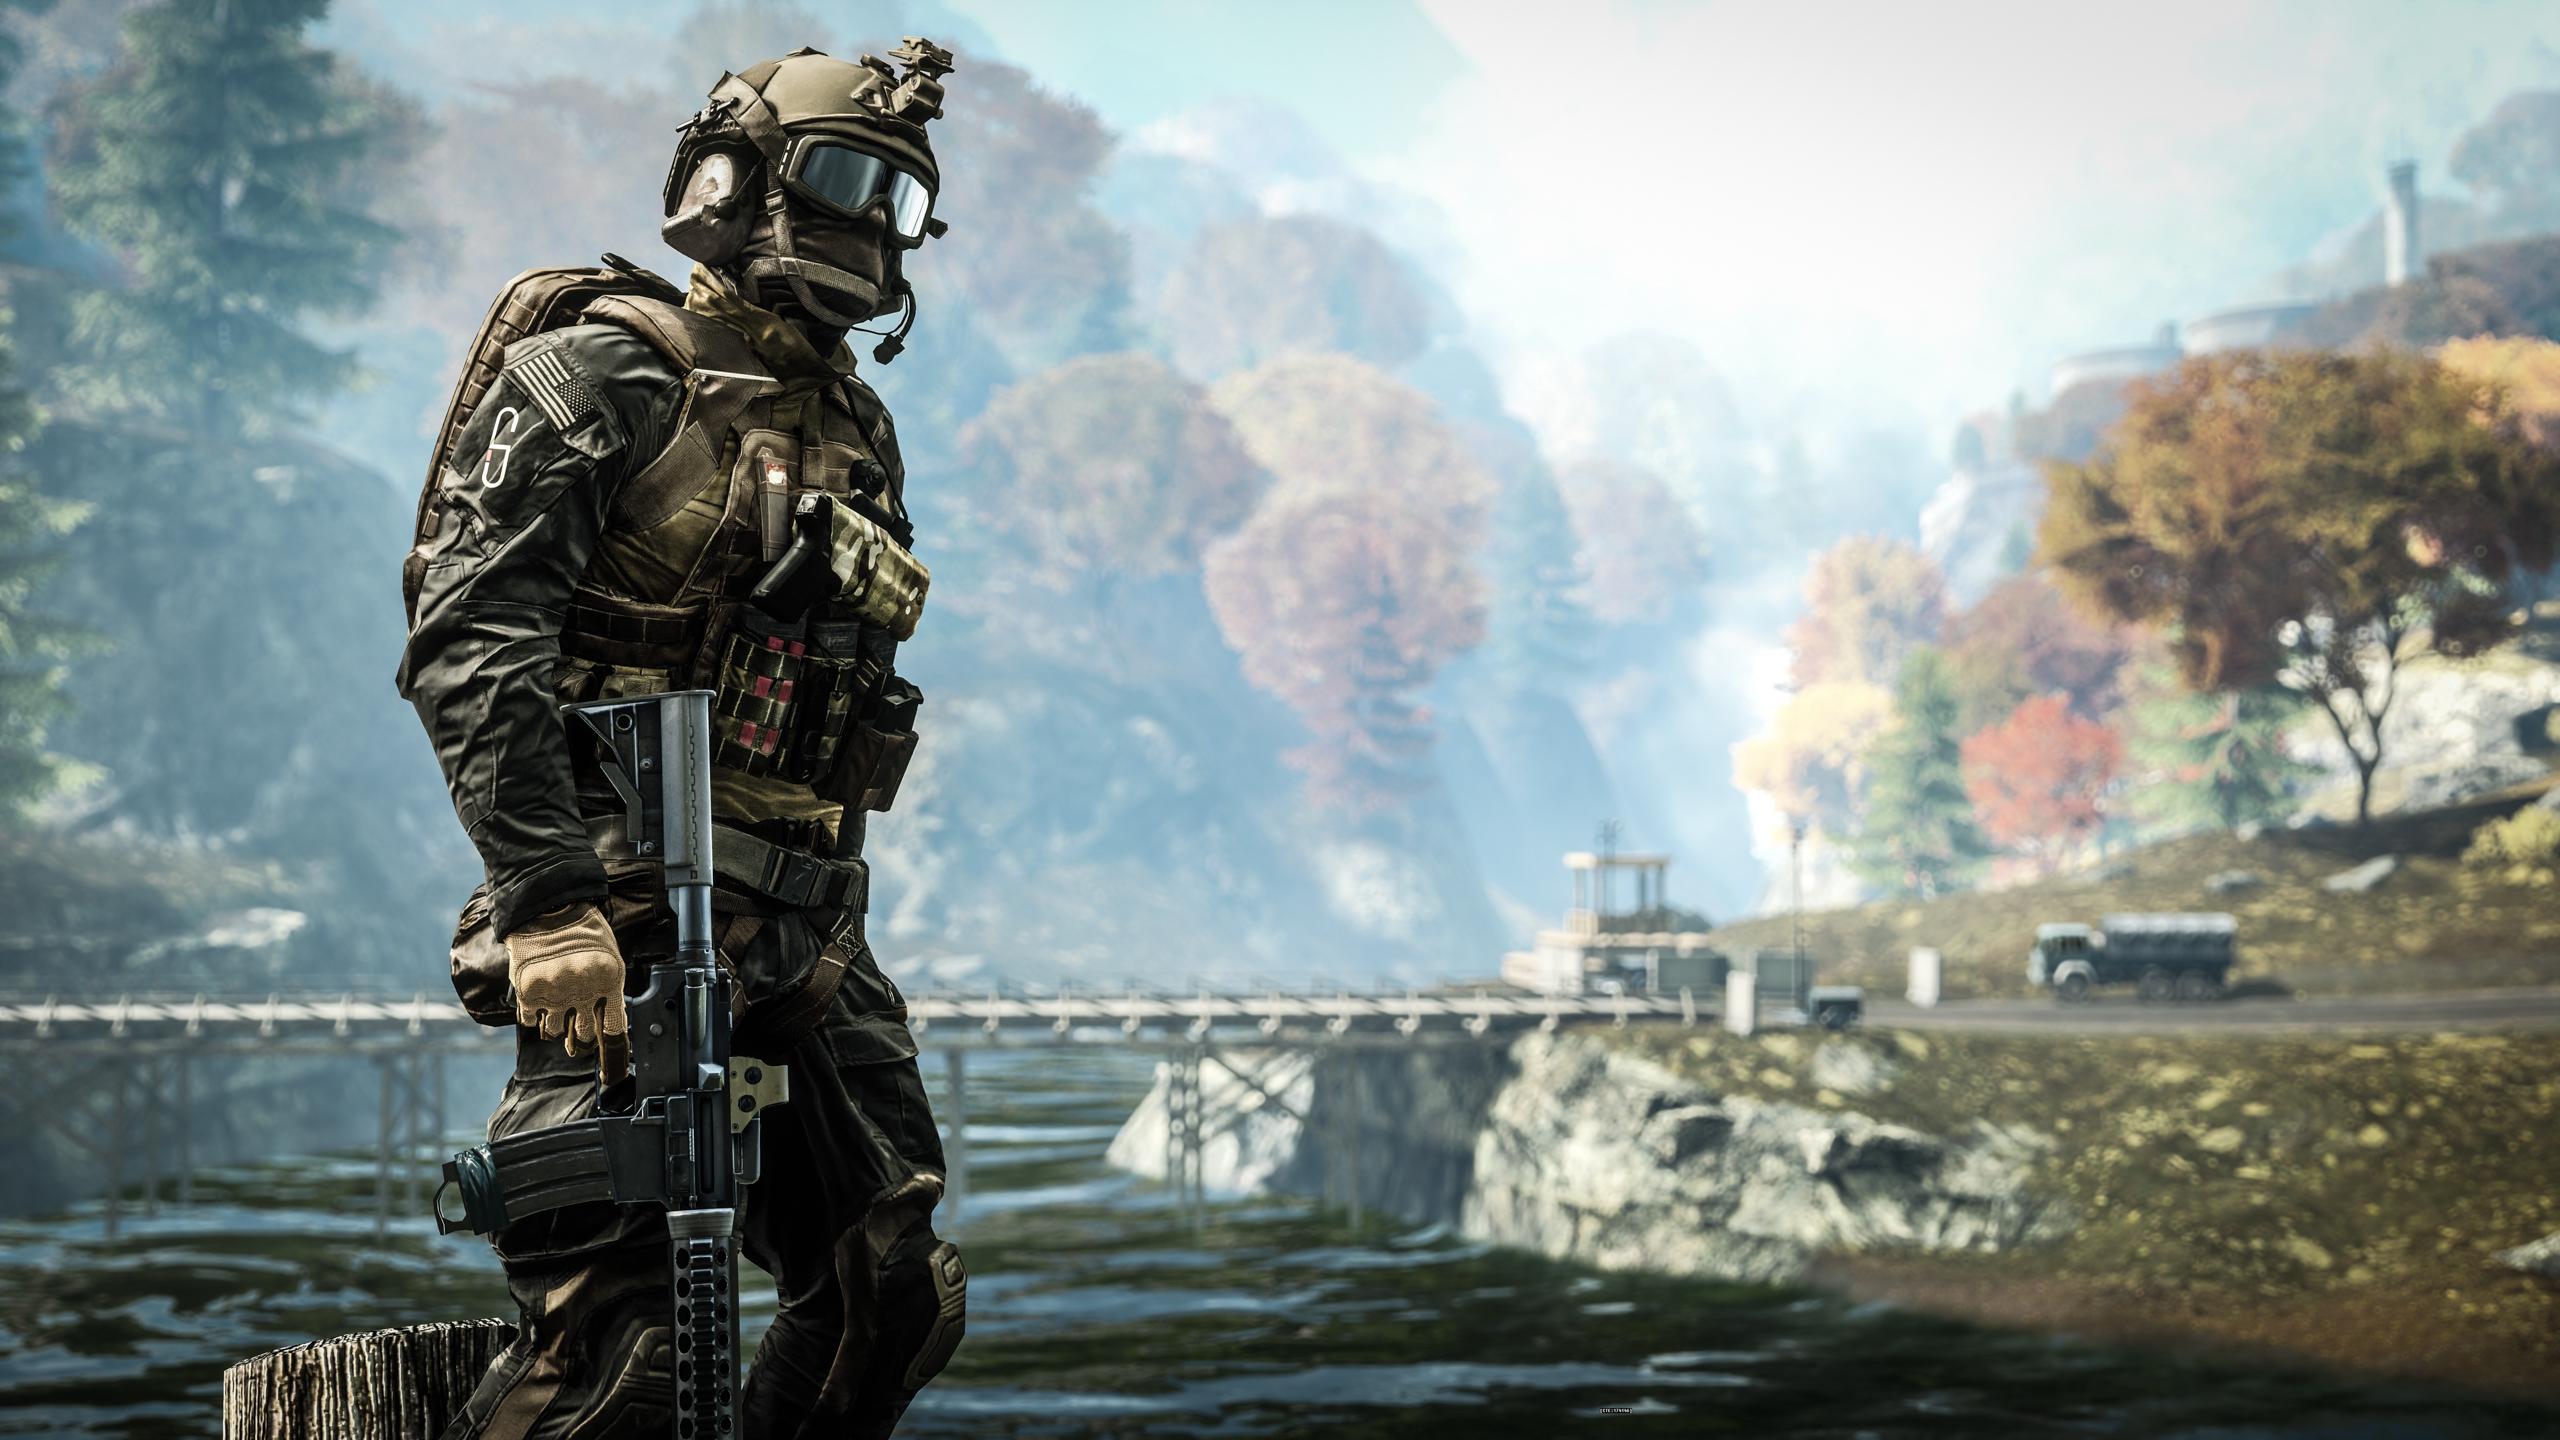 Cool Battlefield 4 Fire Armor In Black Background: วอลเปเปอร์ : Battlefield 4, ศิลปะ, ภูมิประเทศ, อุปกรณ์